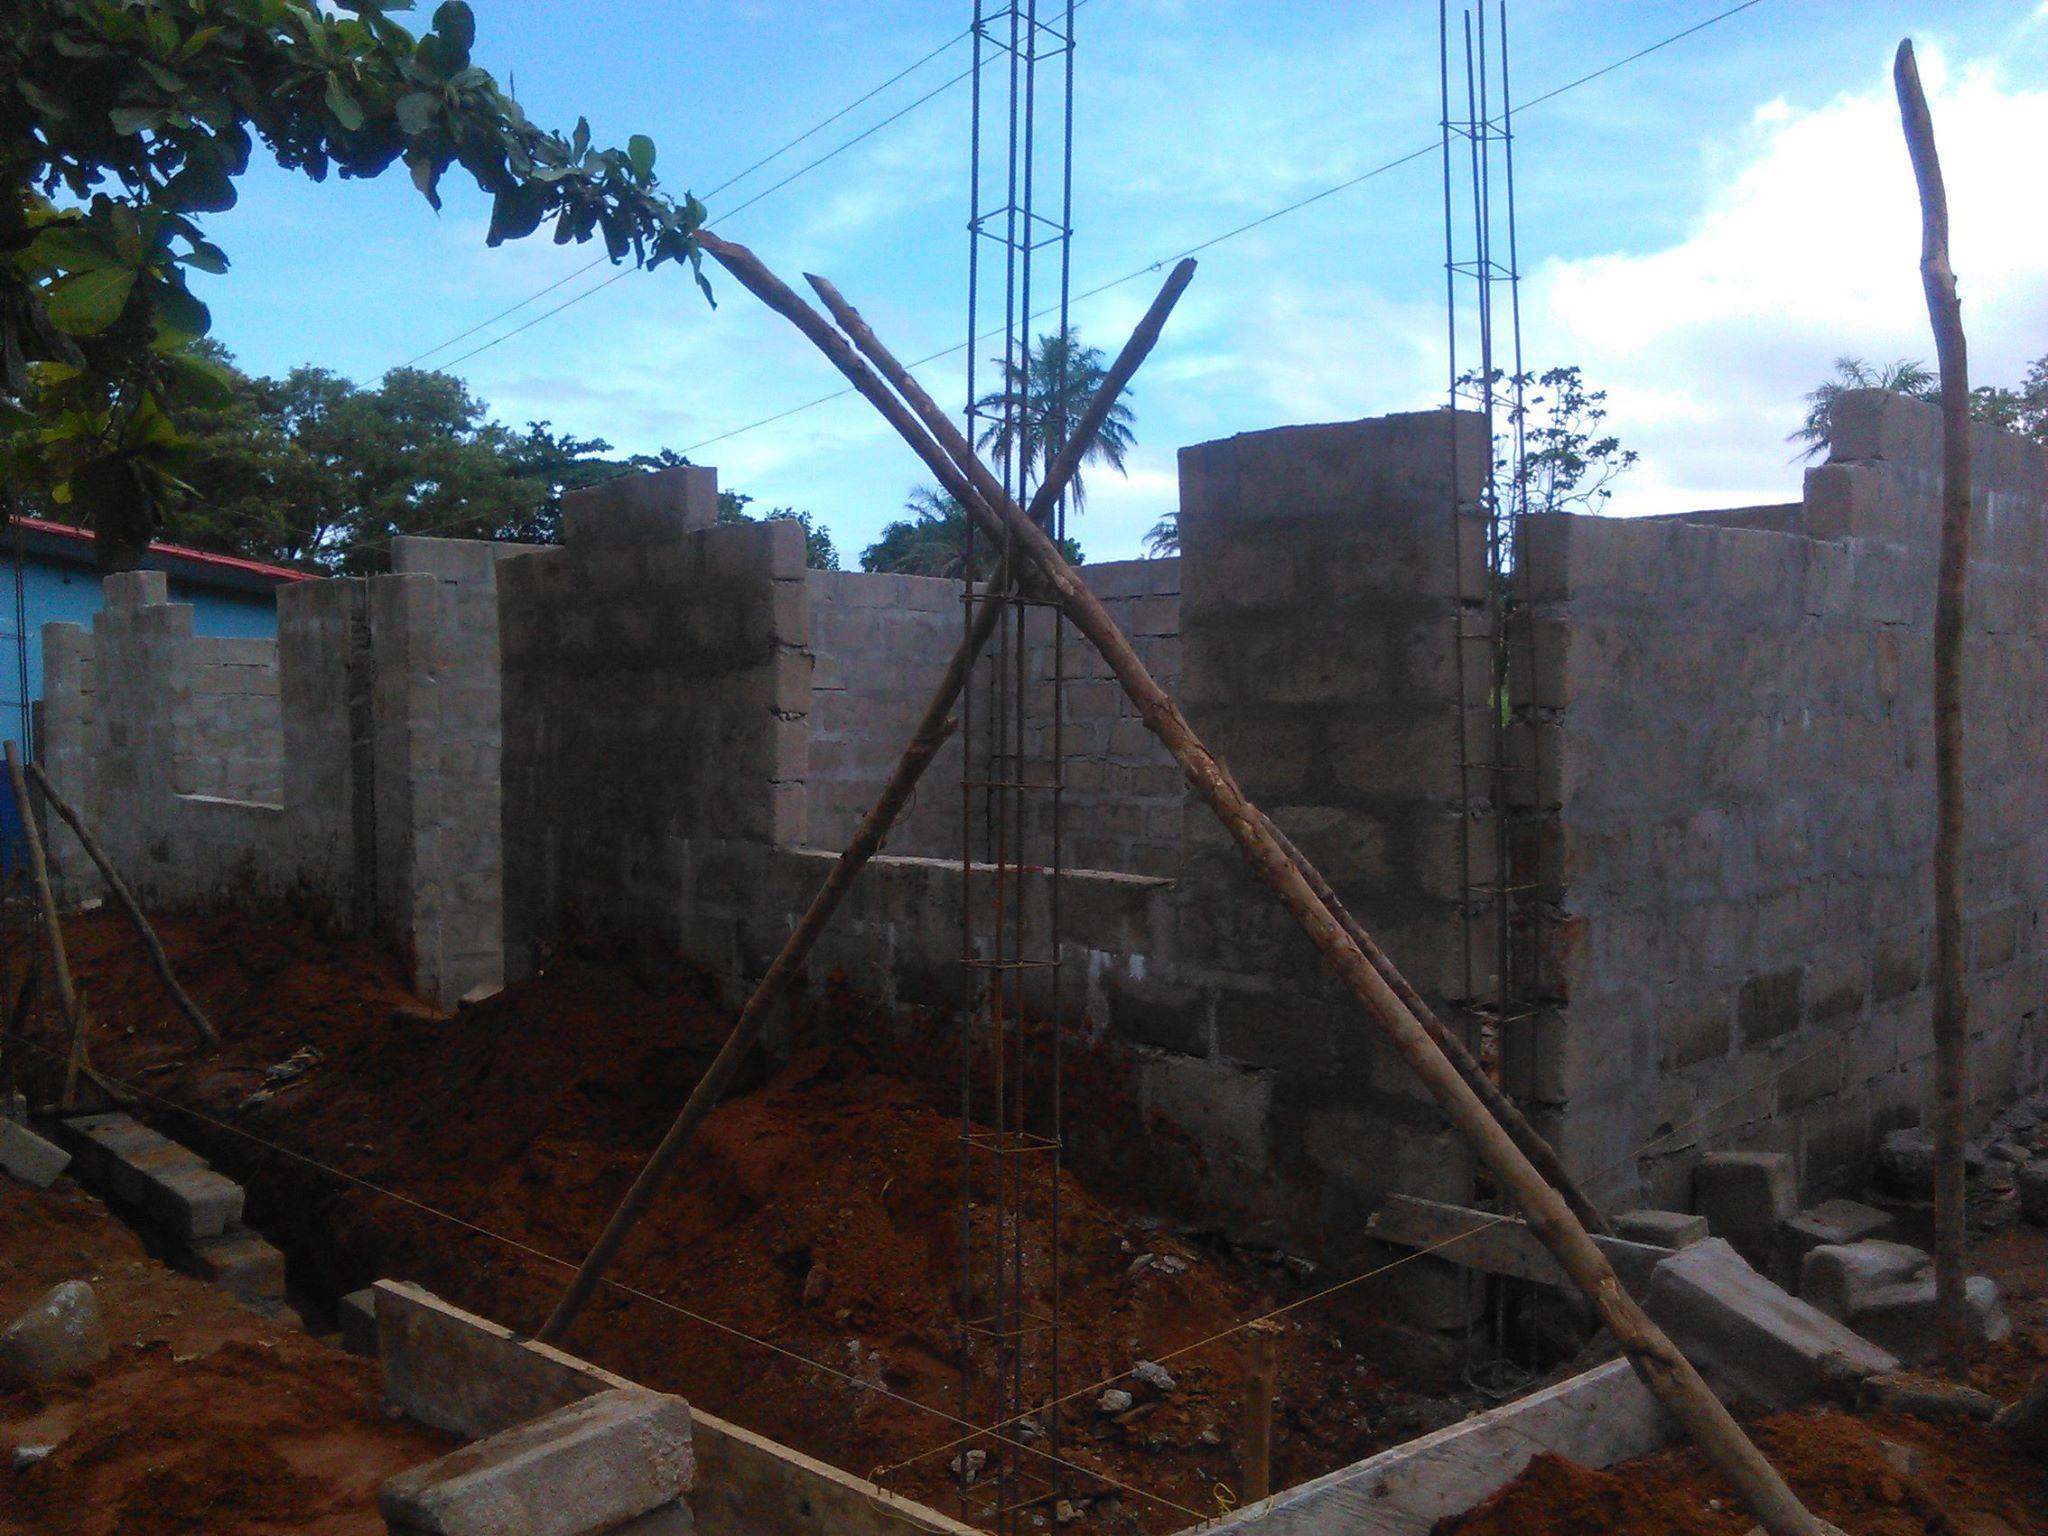 Il sogno di max costruzione 2 nuove aule compagni di for Nuove planimetrie di costruzione